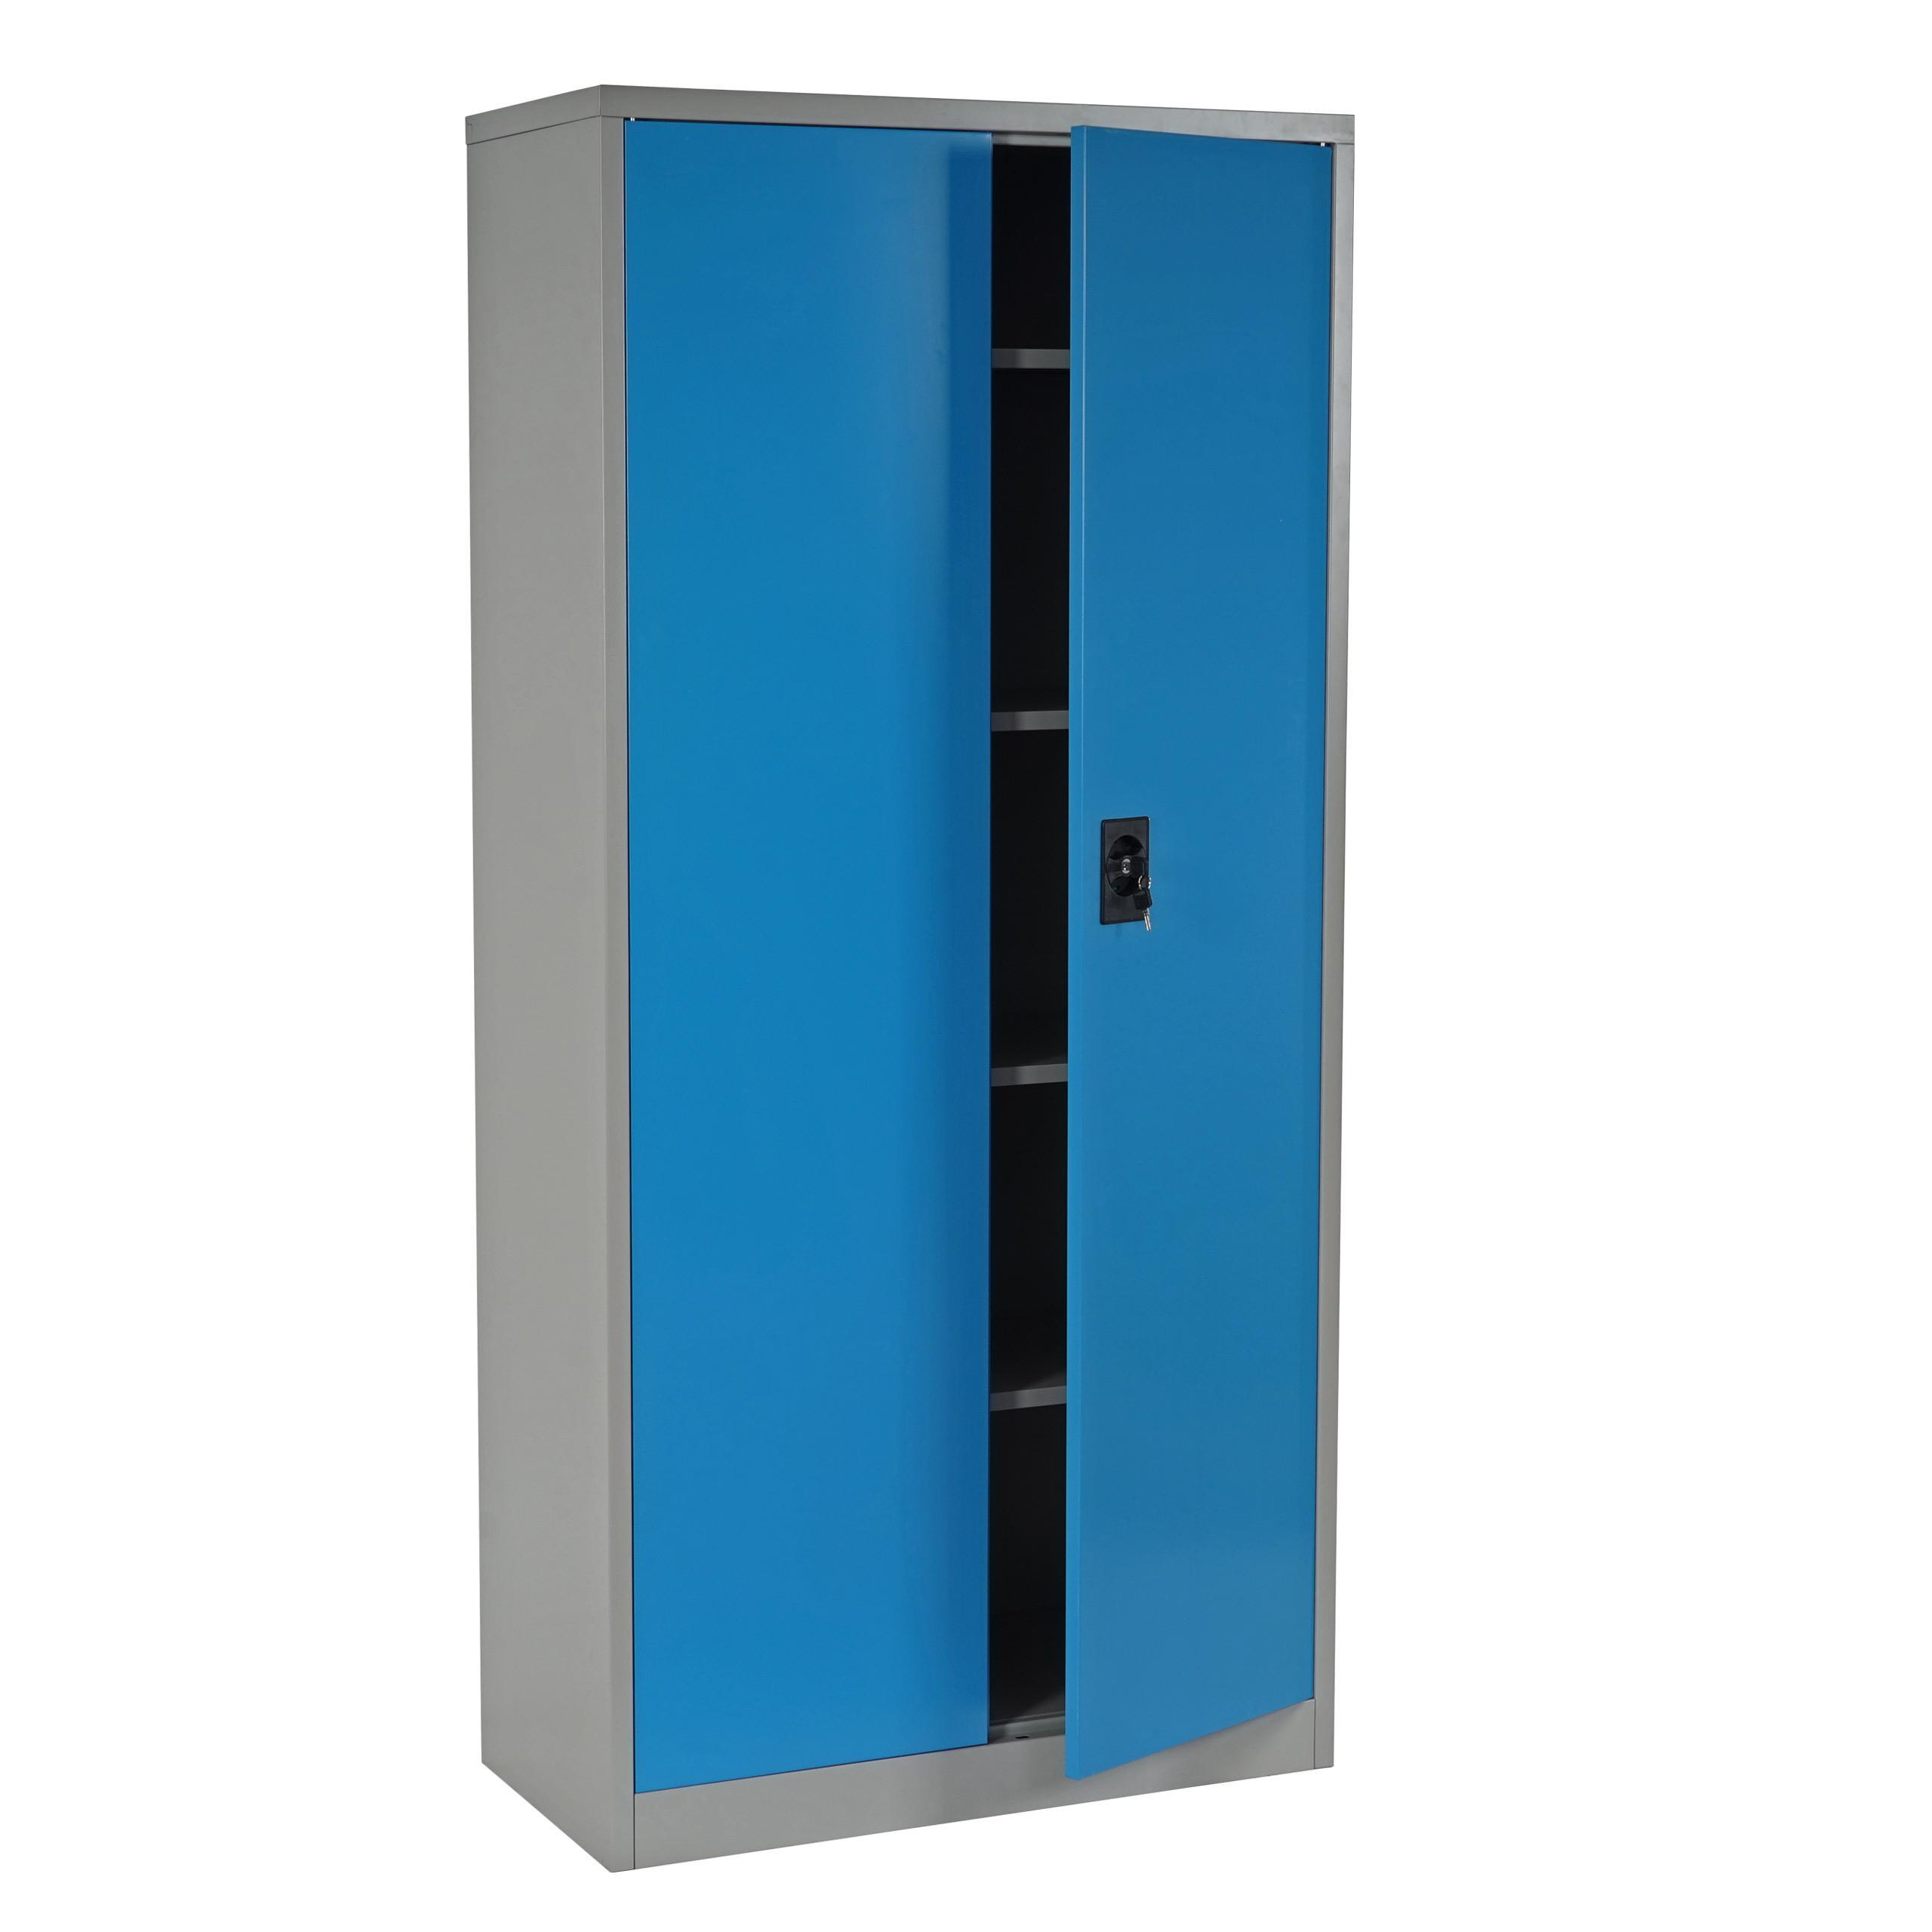 Artesanato Kit Para Banheiro ~ Armario archivador metálico EDIT de 180x85x40 2 puertas batientes, gran capacidad de almacenaje